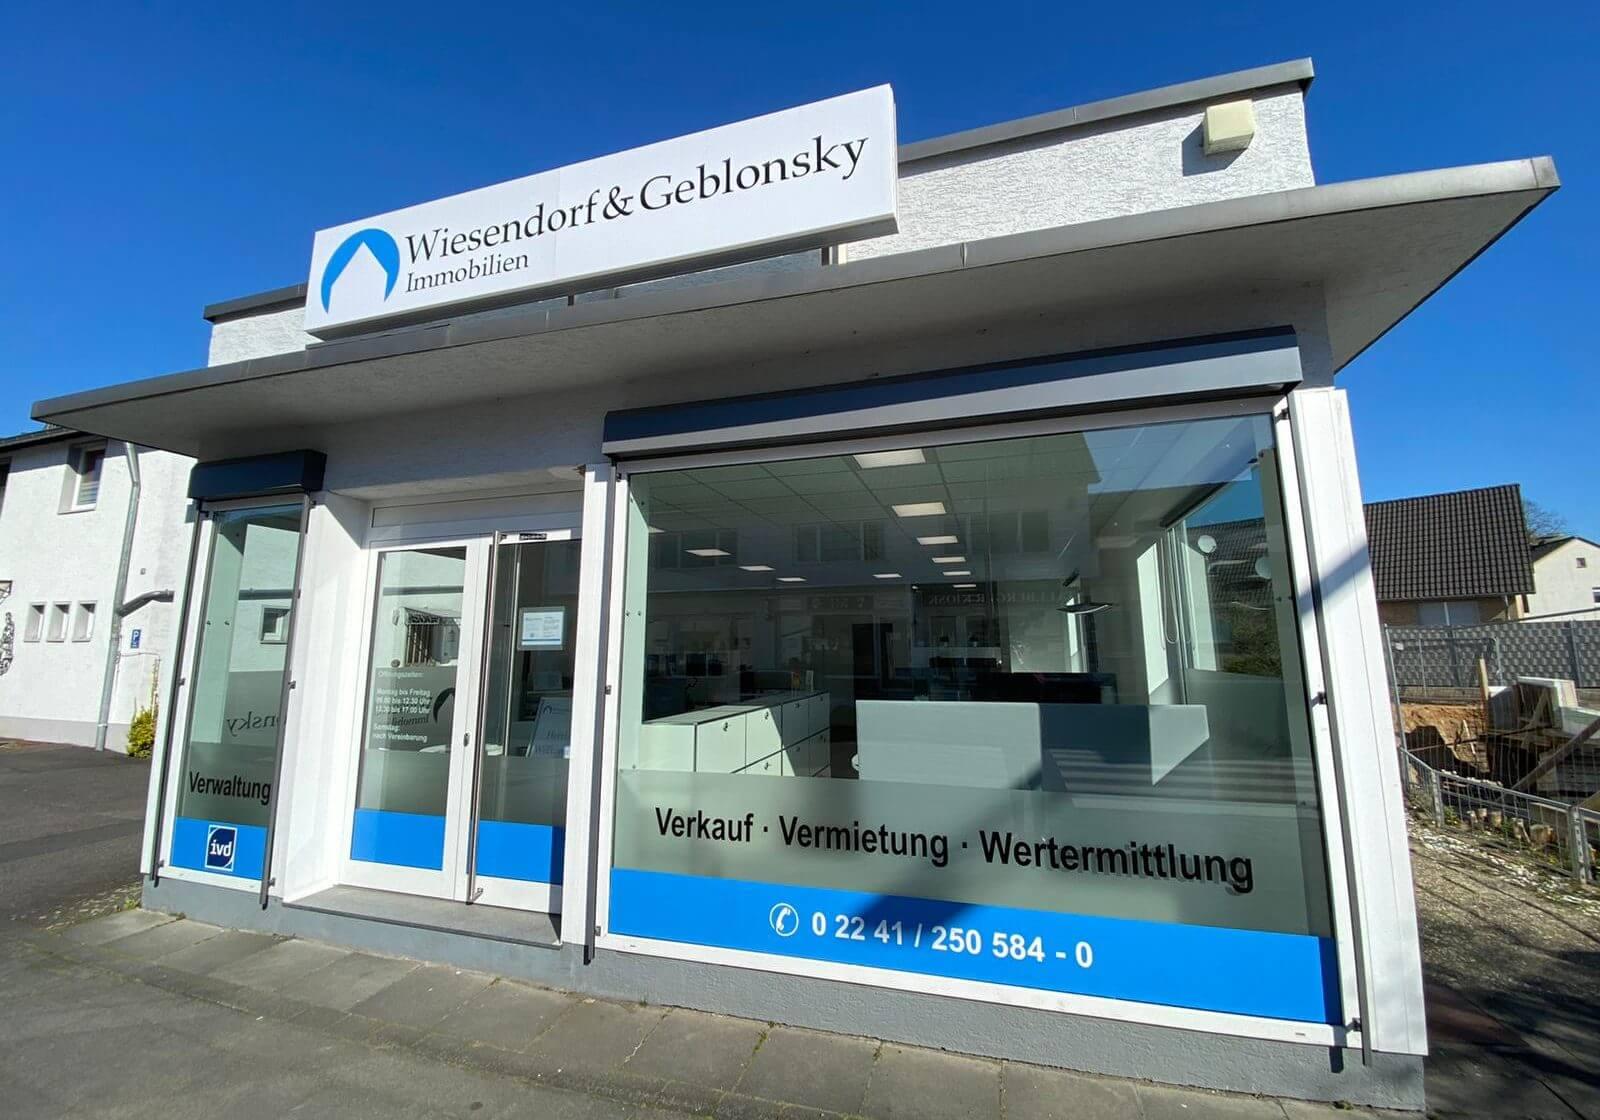 Immobilien Siegburg-Bonn